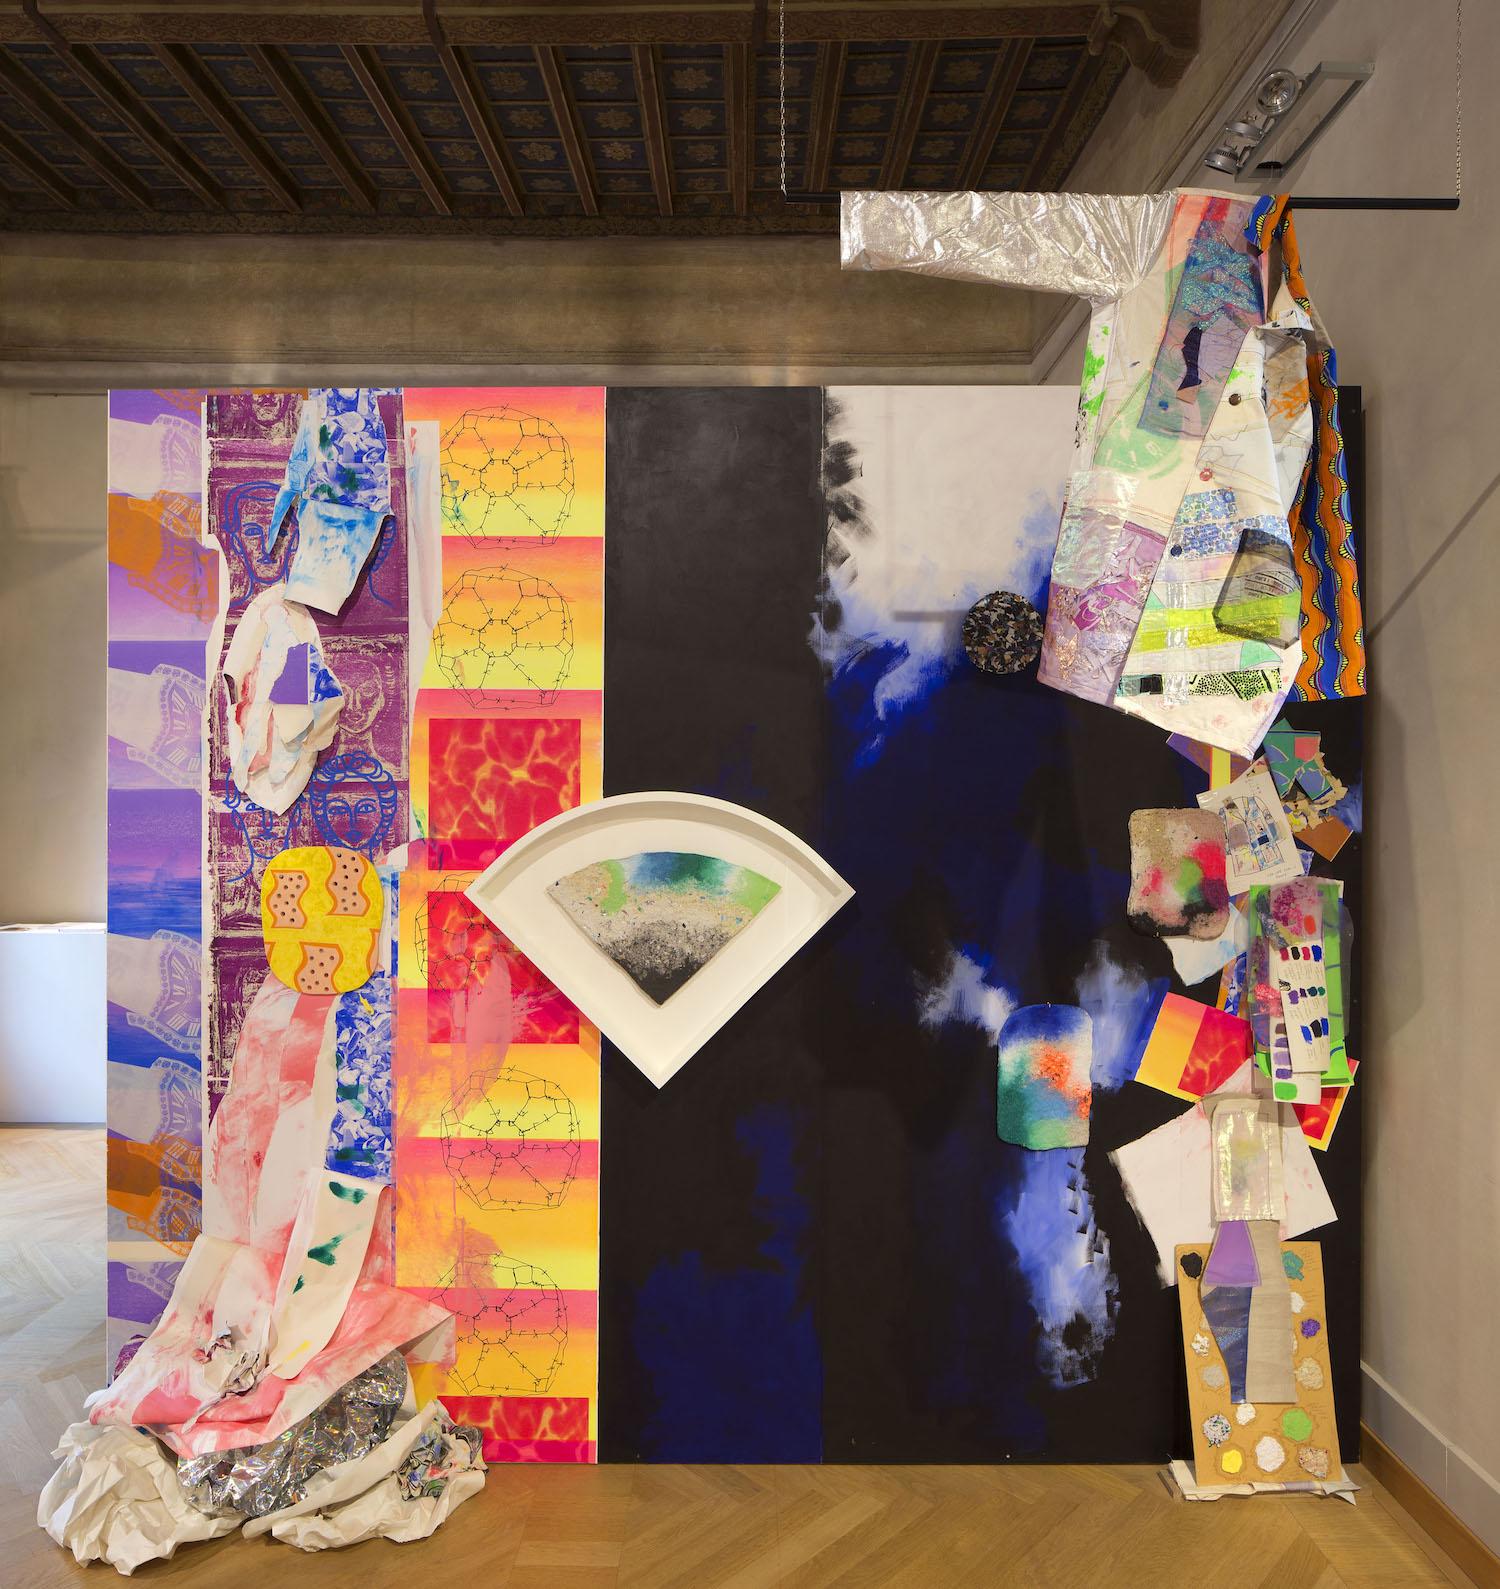 Ludovica Gioscia, La Vita Materiale, 2018. Installation view. Palazzo da Mosto, Fondazione Palazzo Magnani, Reggio Emilia, IT. Photographer: Michele Panzeri.